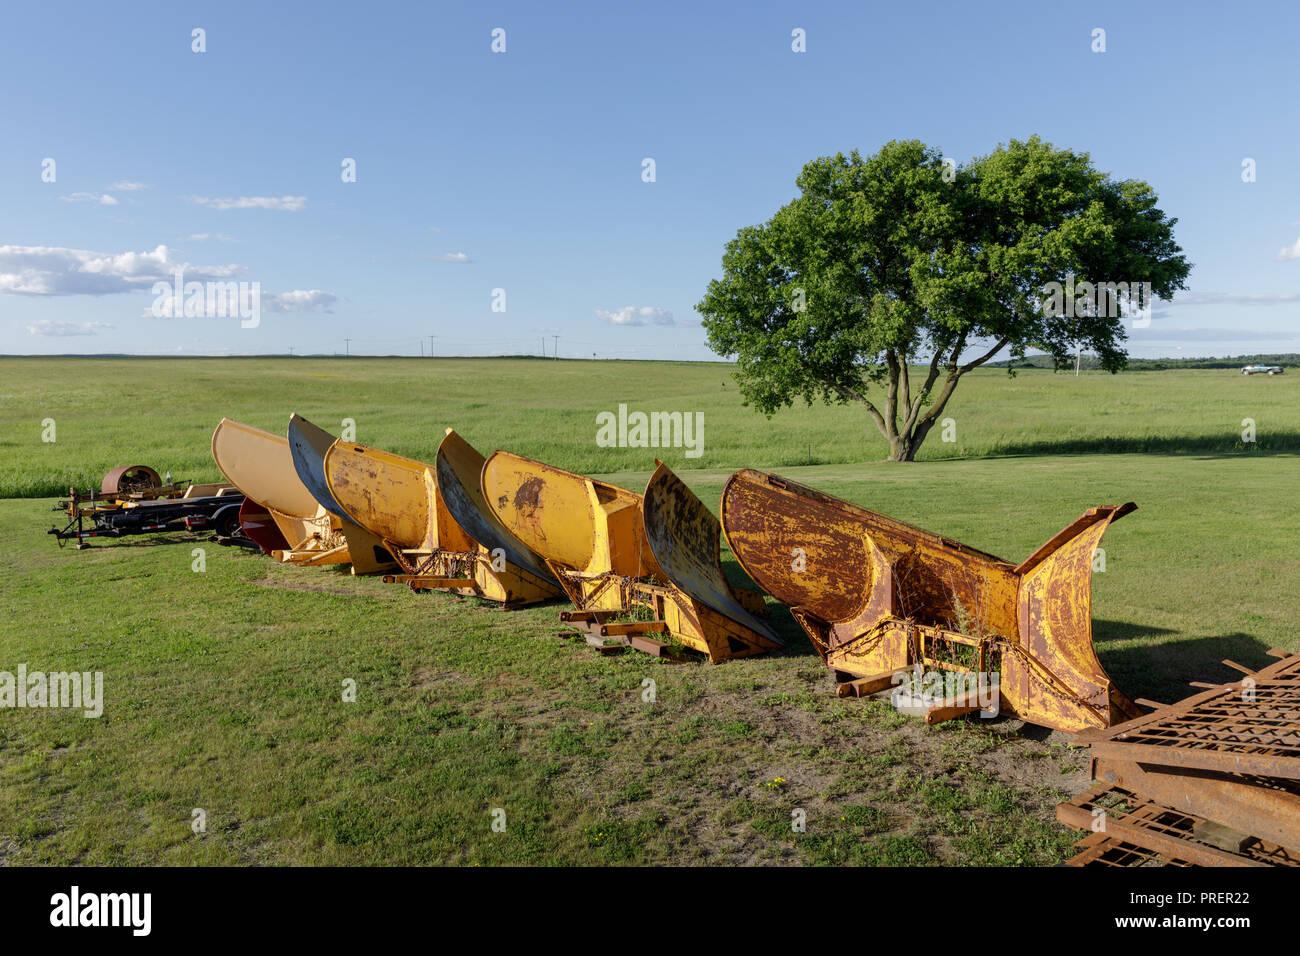 Lames de déneigement se reposer pendant l'été, ville de Palatine, comté de Montgomery, dans la vallée de la Mohawk, l'État de New York. Photo Stock